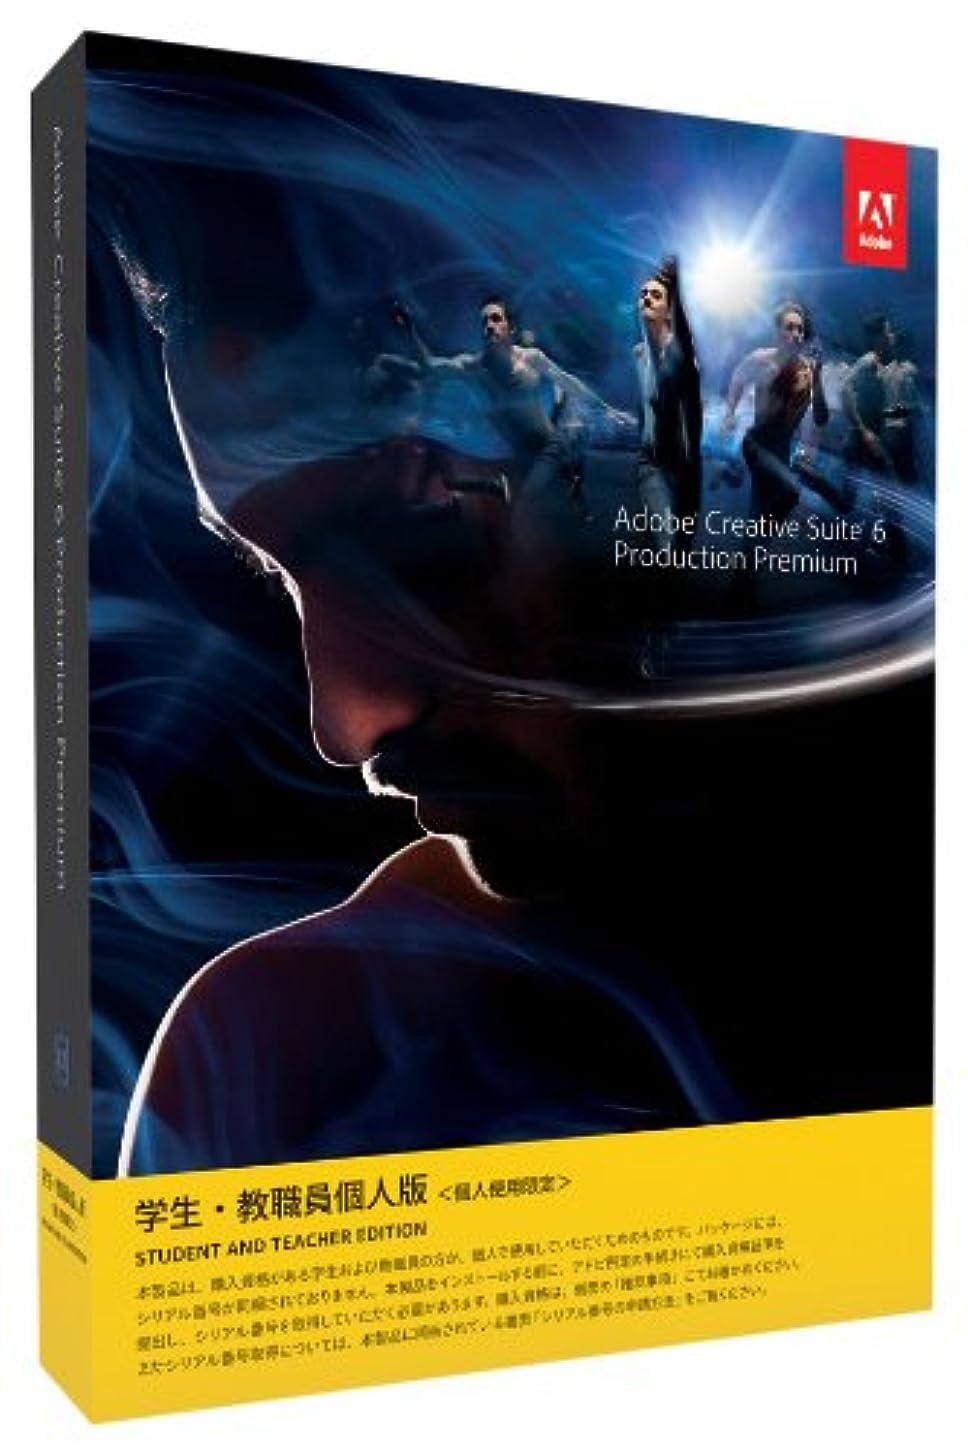 揮発性海岸関連する学生?教職員個人版 Adobe Creative Suite 6 Production Premium Macintosh版 (要シリアル番号申請)